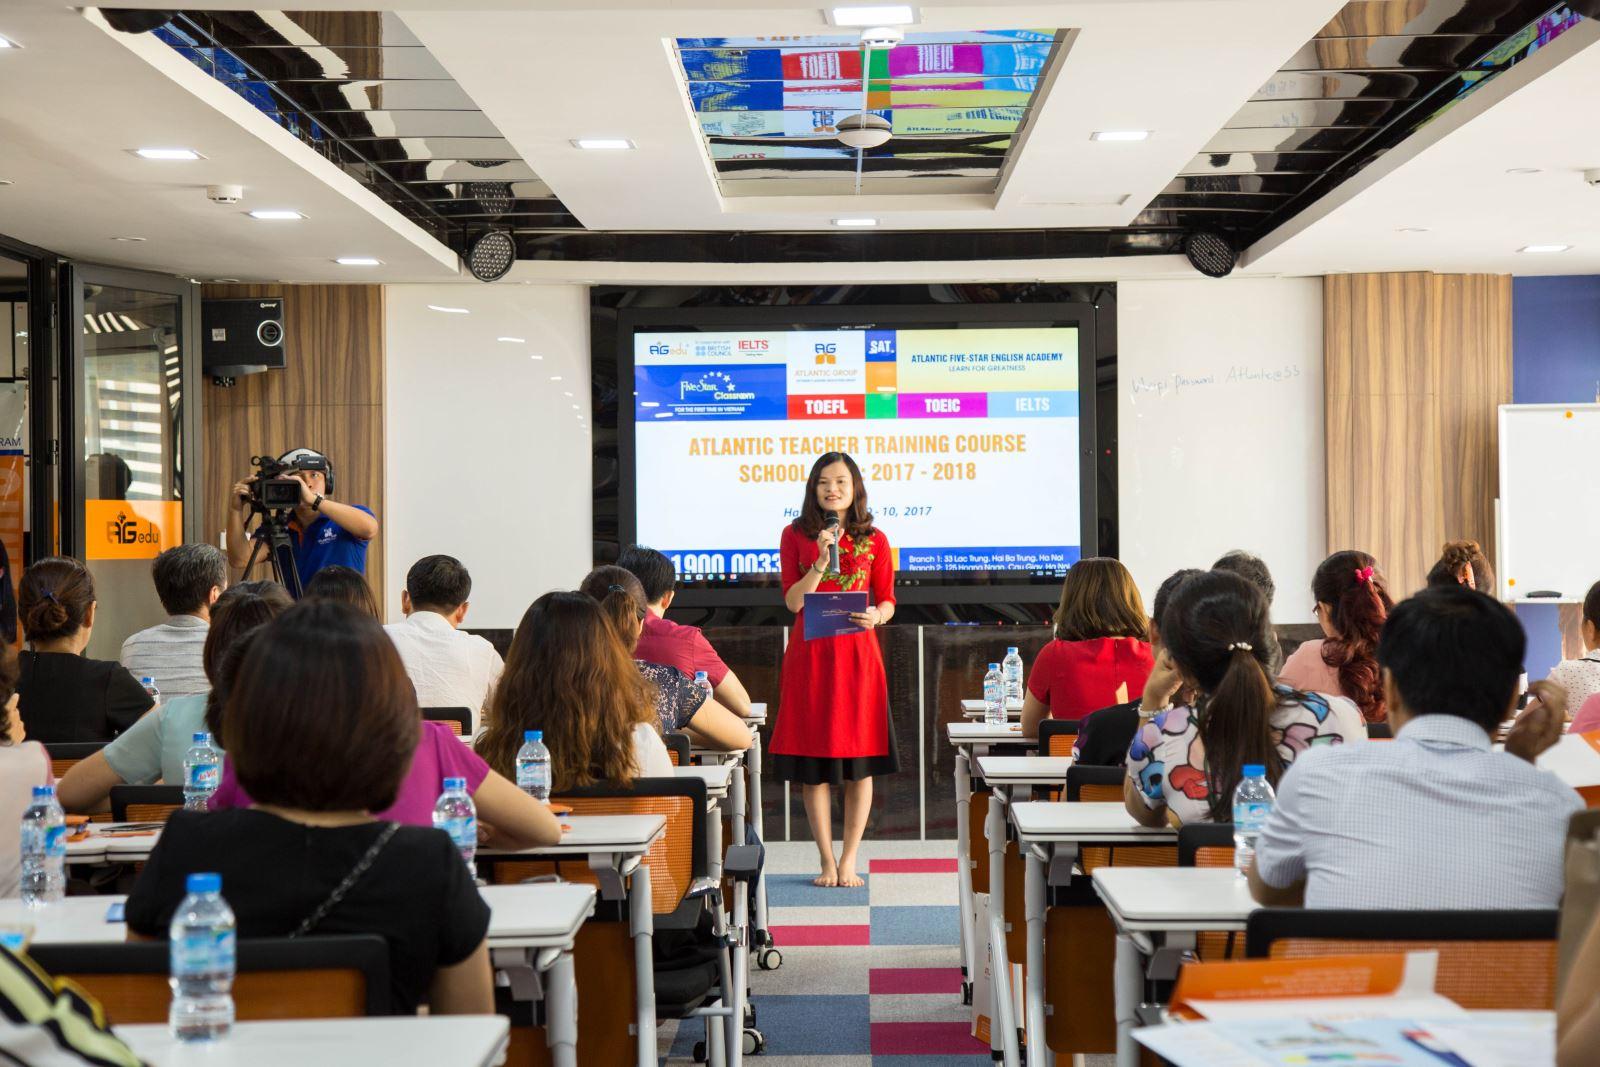 Kiến thức giảng dạy cập nhật, kỹ năng giảng dạy nâng cao, giúp sinh viên tiếp thu kiến thức tốt